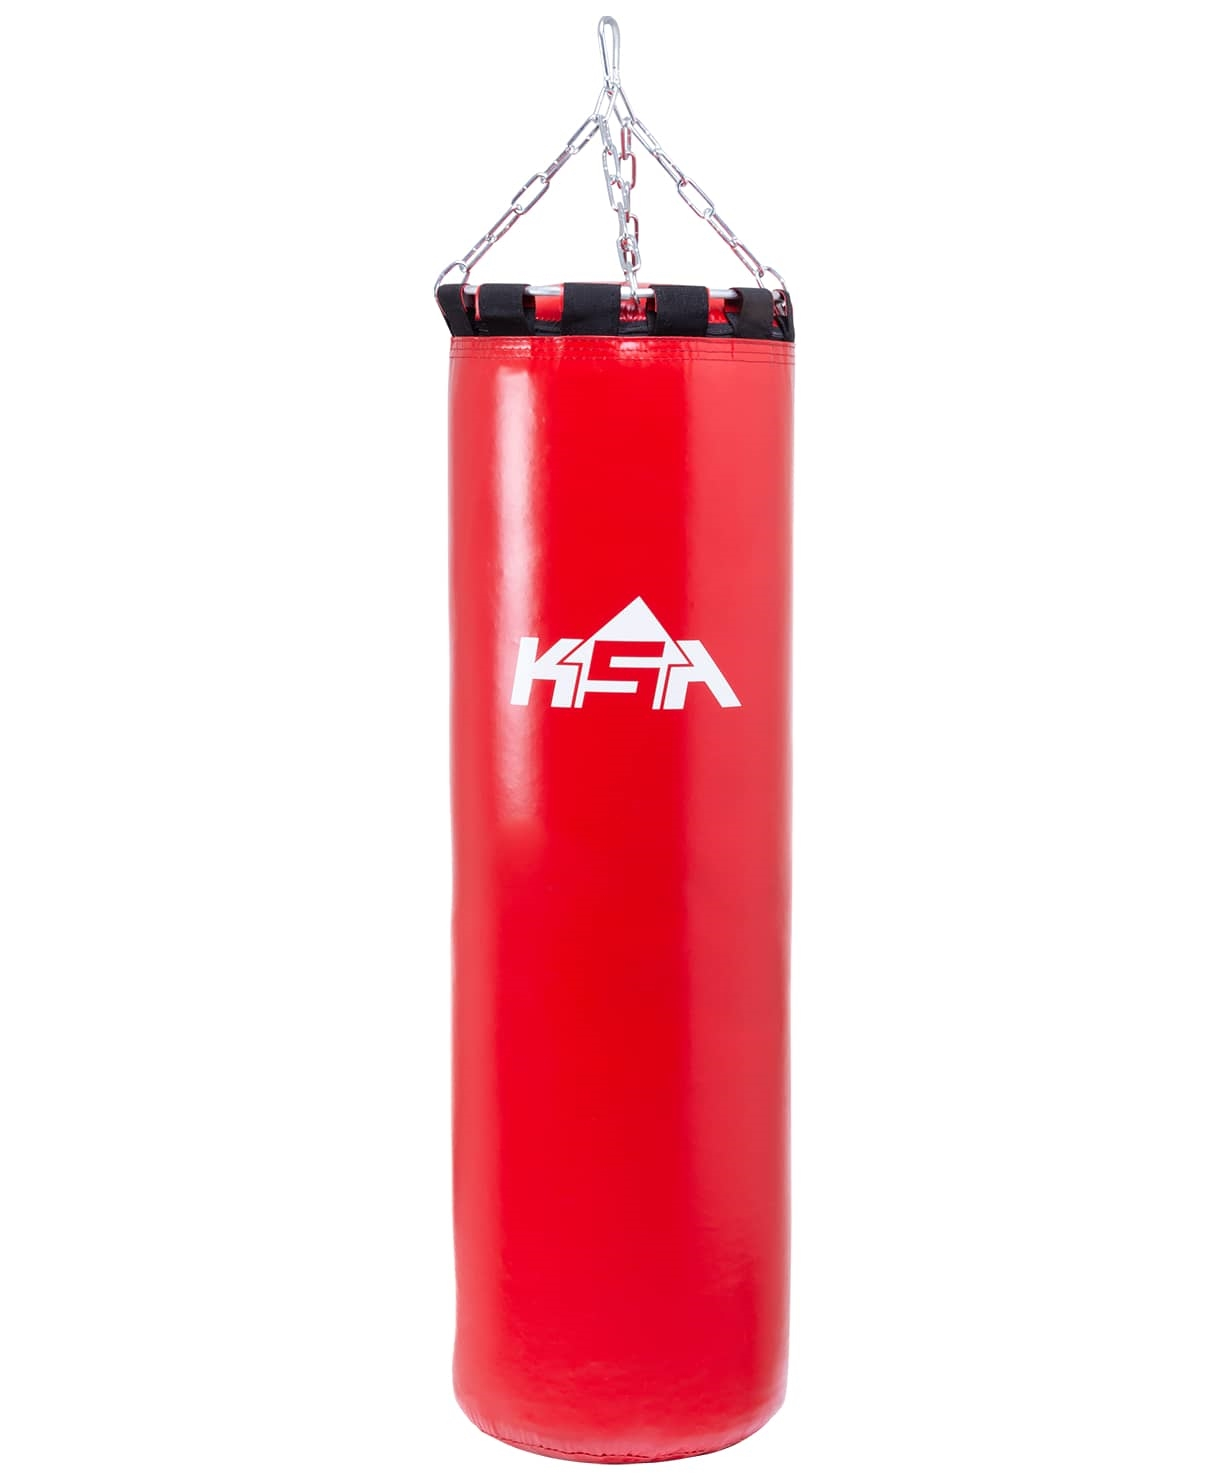 Мешок боксерский PB-01, 50 см, 10 кг, тент, красный